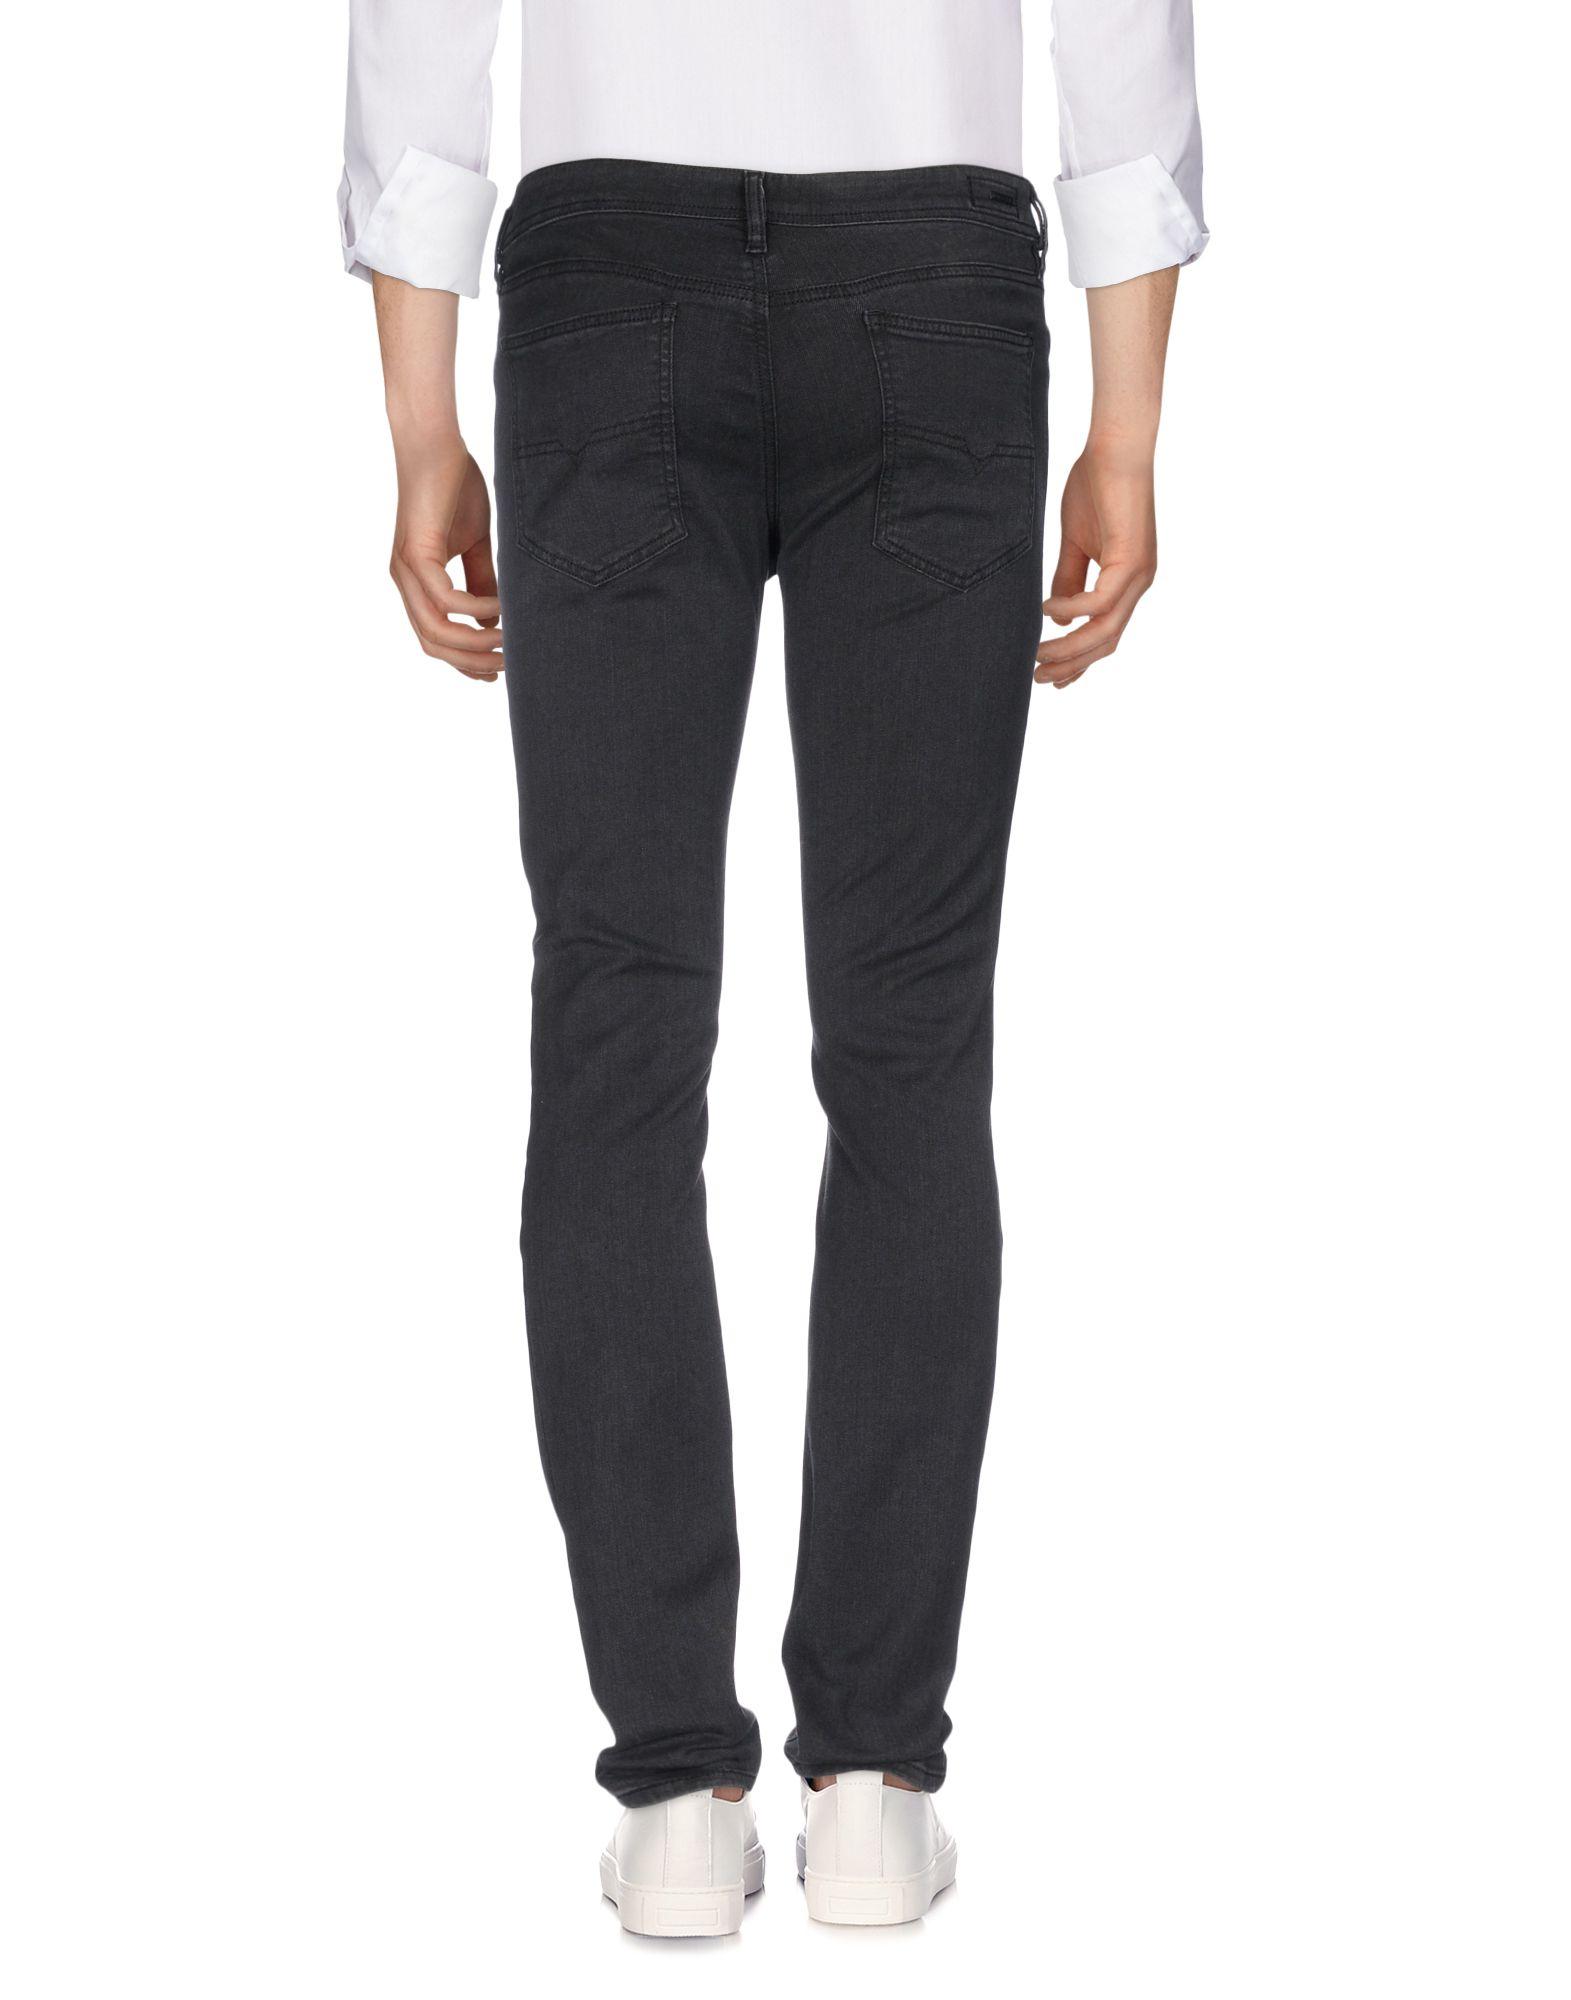 Pantaloni Jeans Diesel Uomo 42654336PE - 42654336PE Uomo 077977